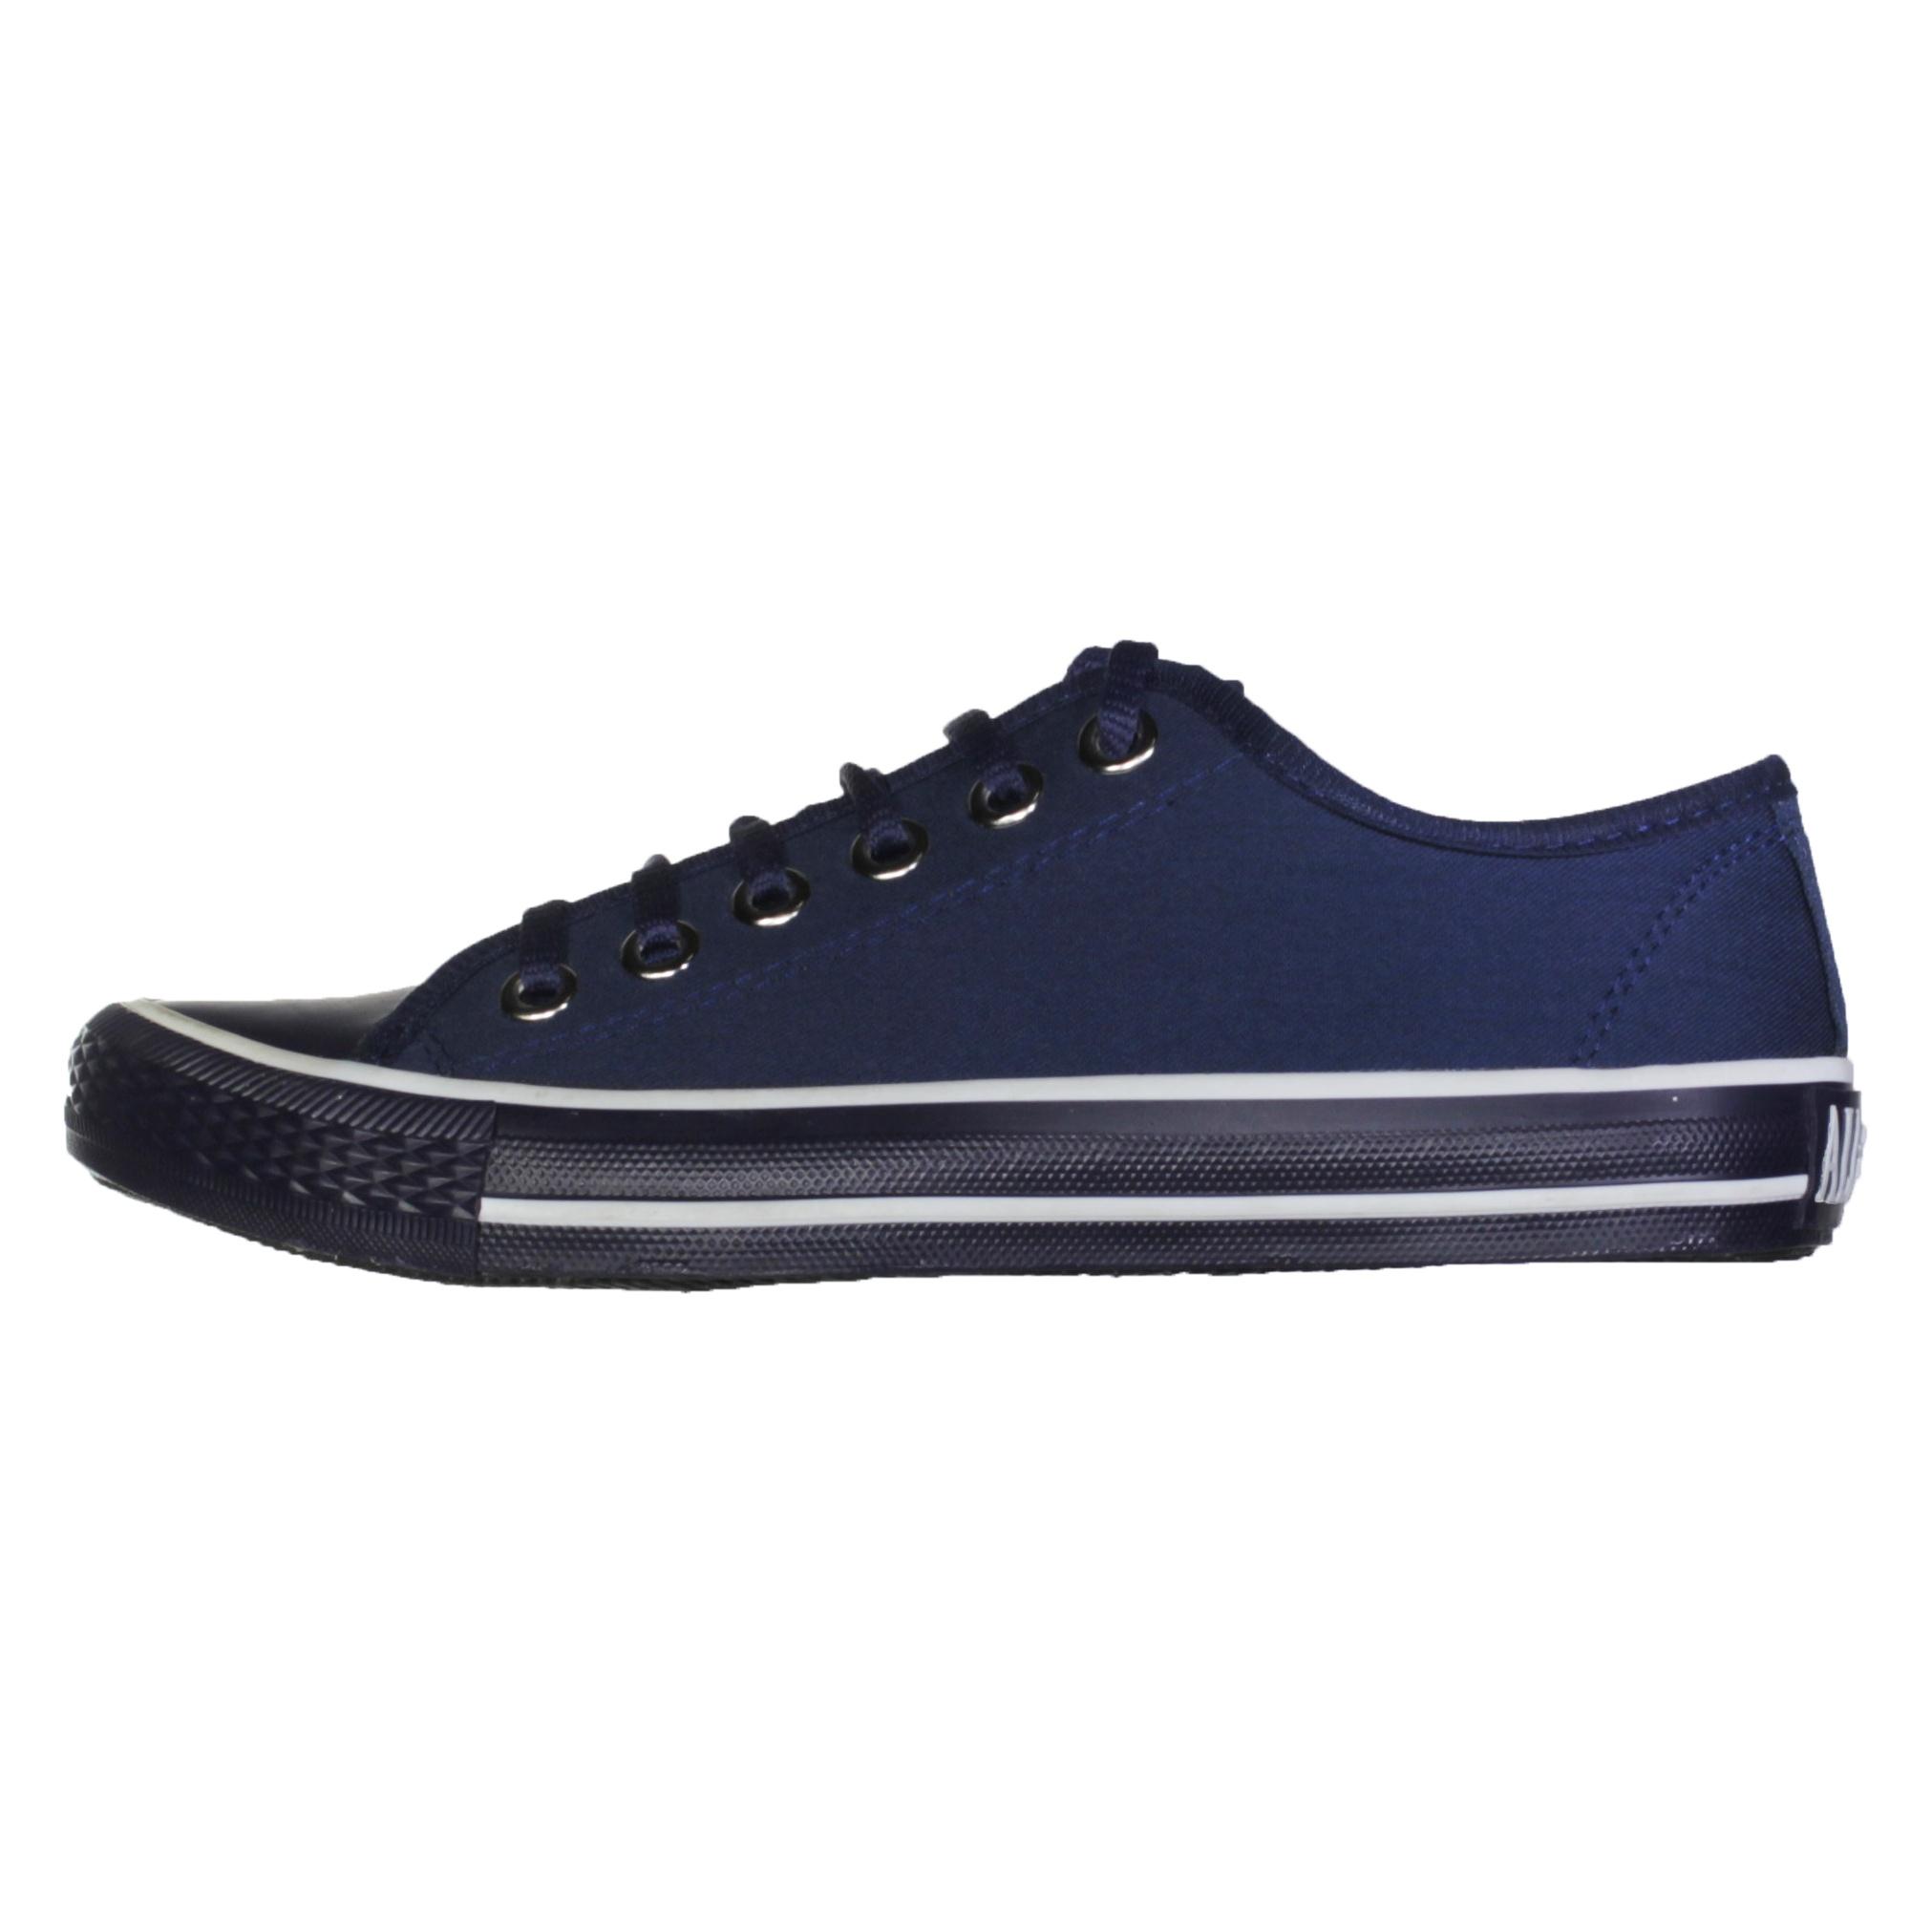 کفش مخصوص پیاده روی زنانه مدل Owen کد 06